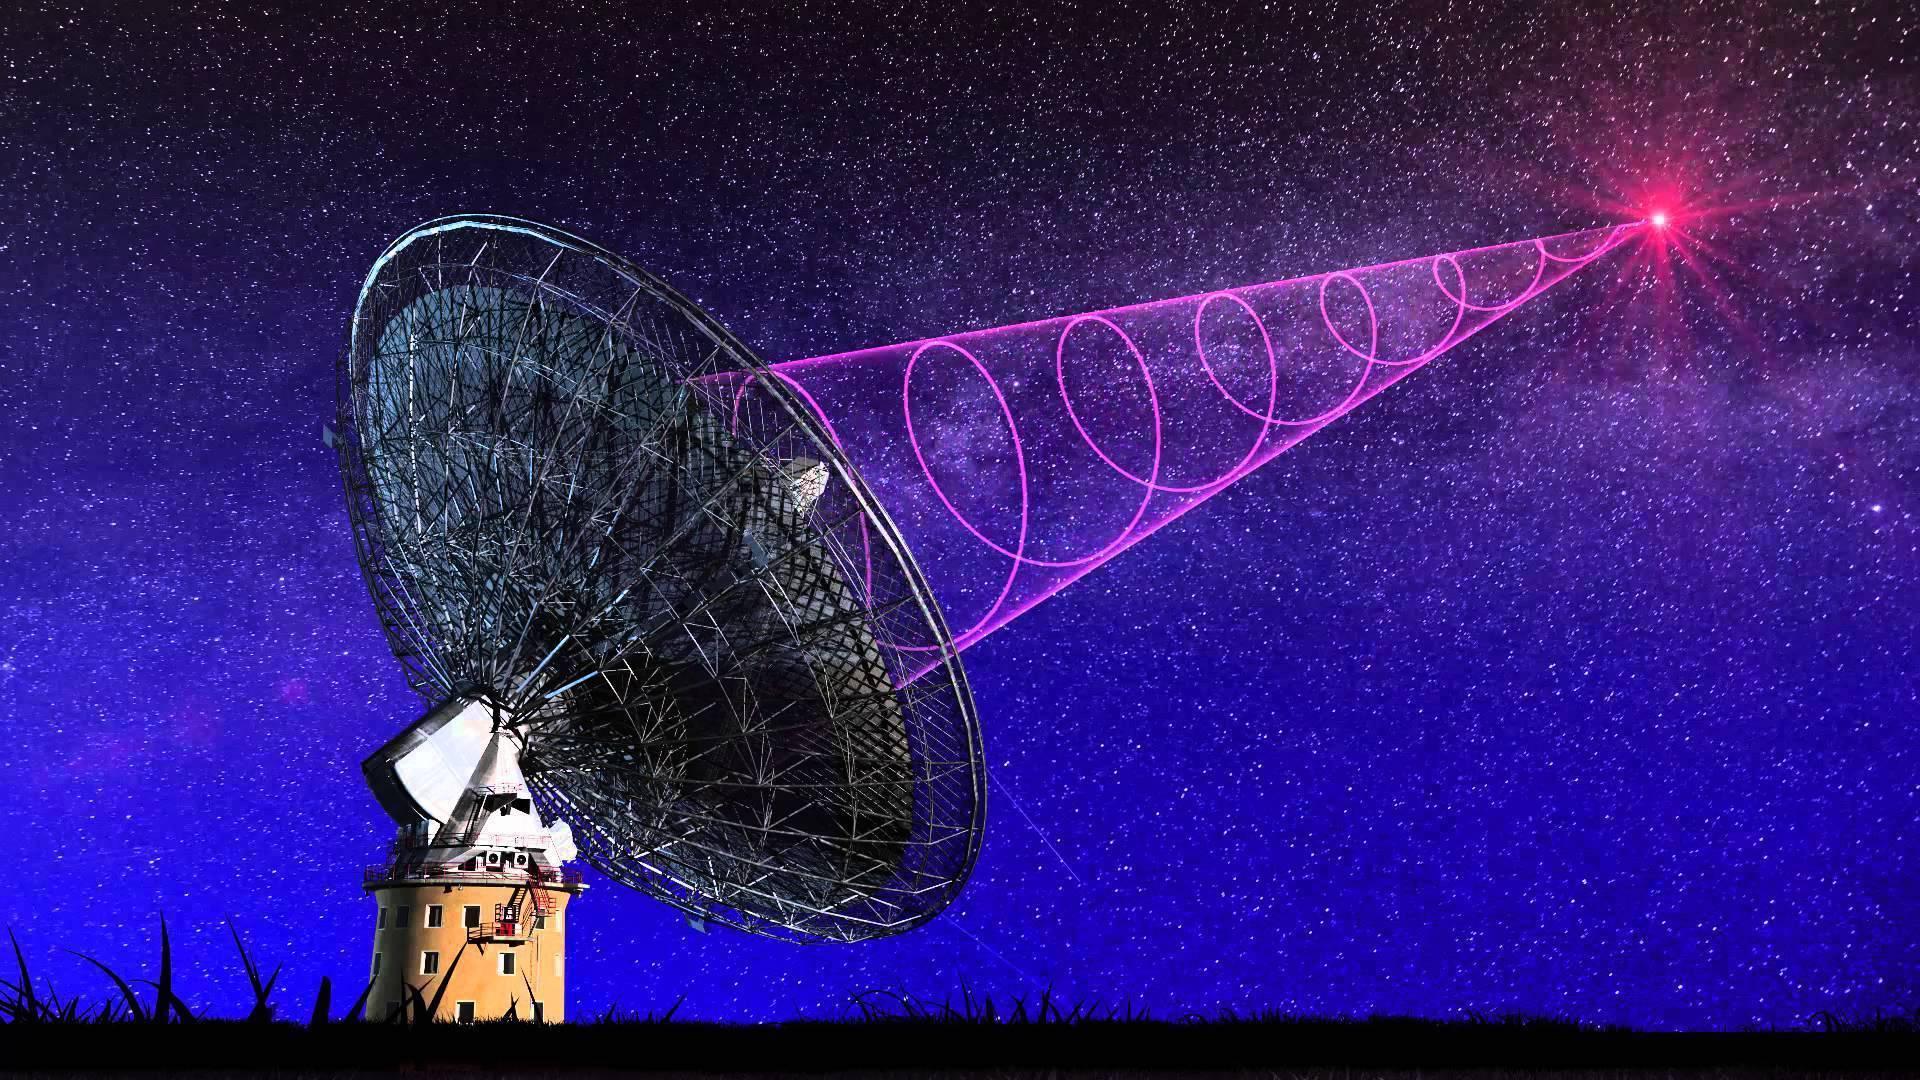 Descubren misteriosa señal de radio desde el espacio que se repite ...